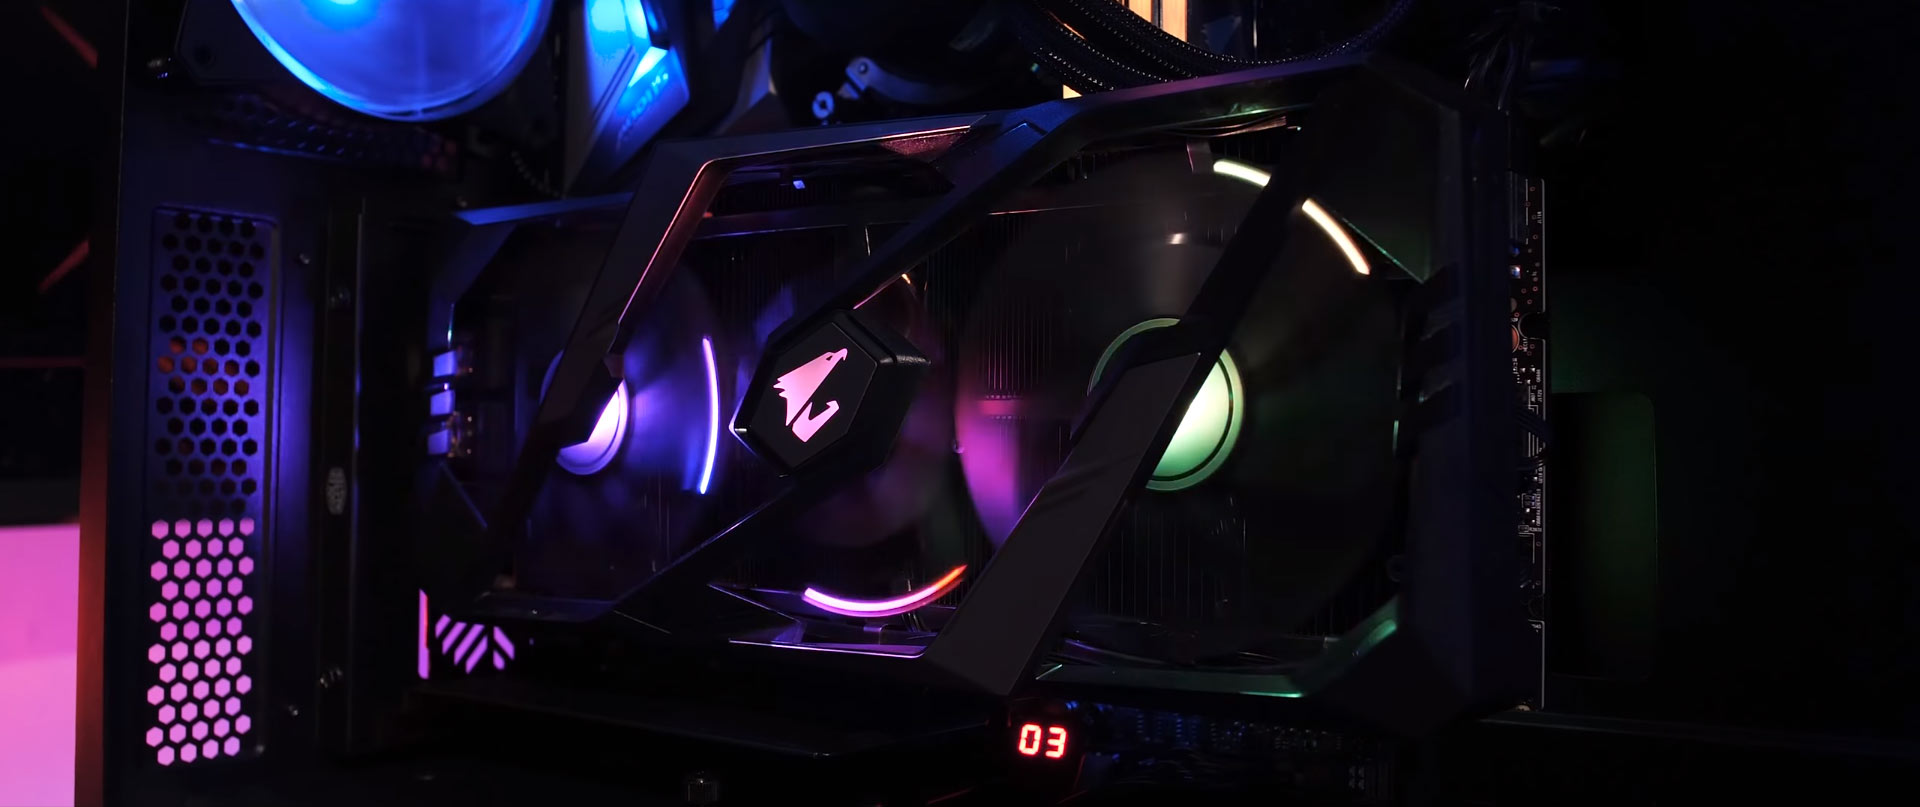 linh kiện máy tính Phong Vũ